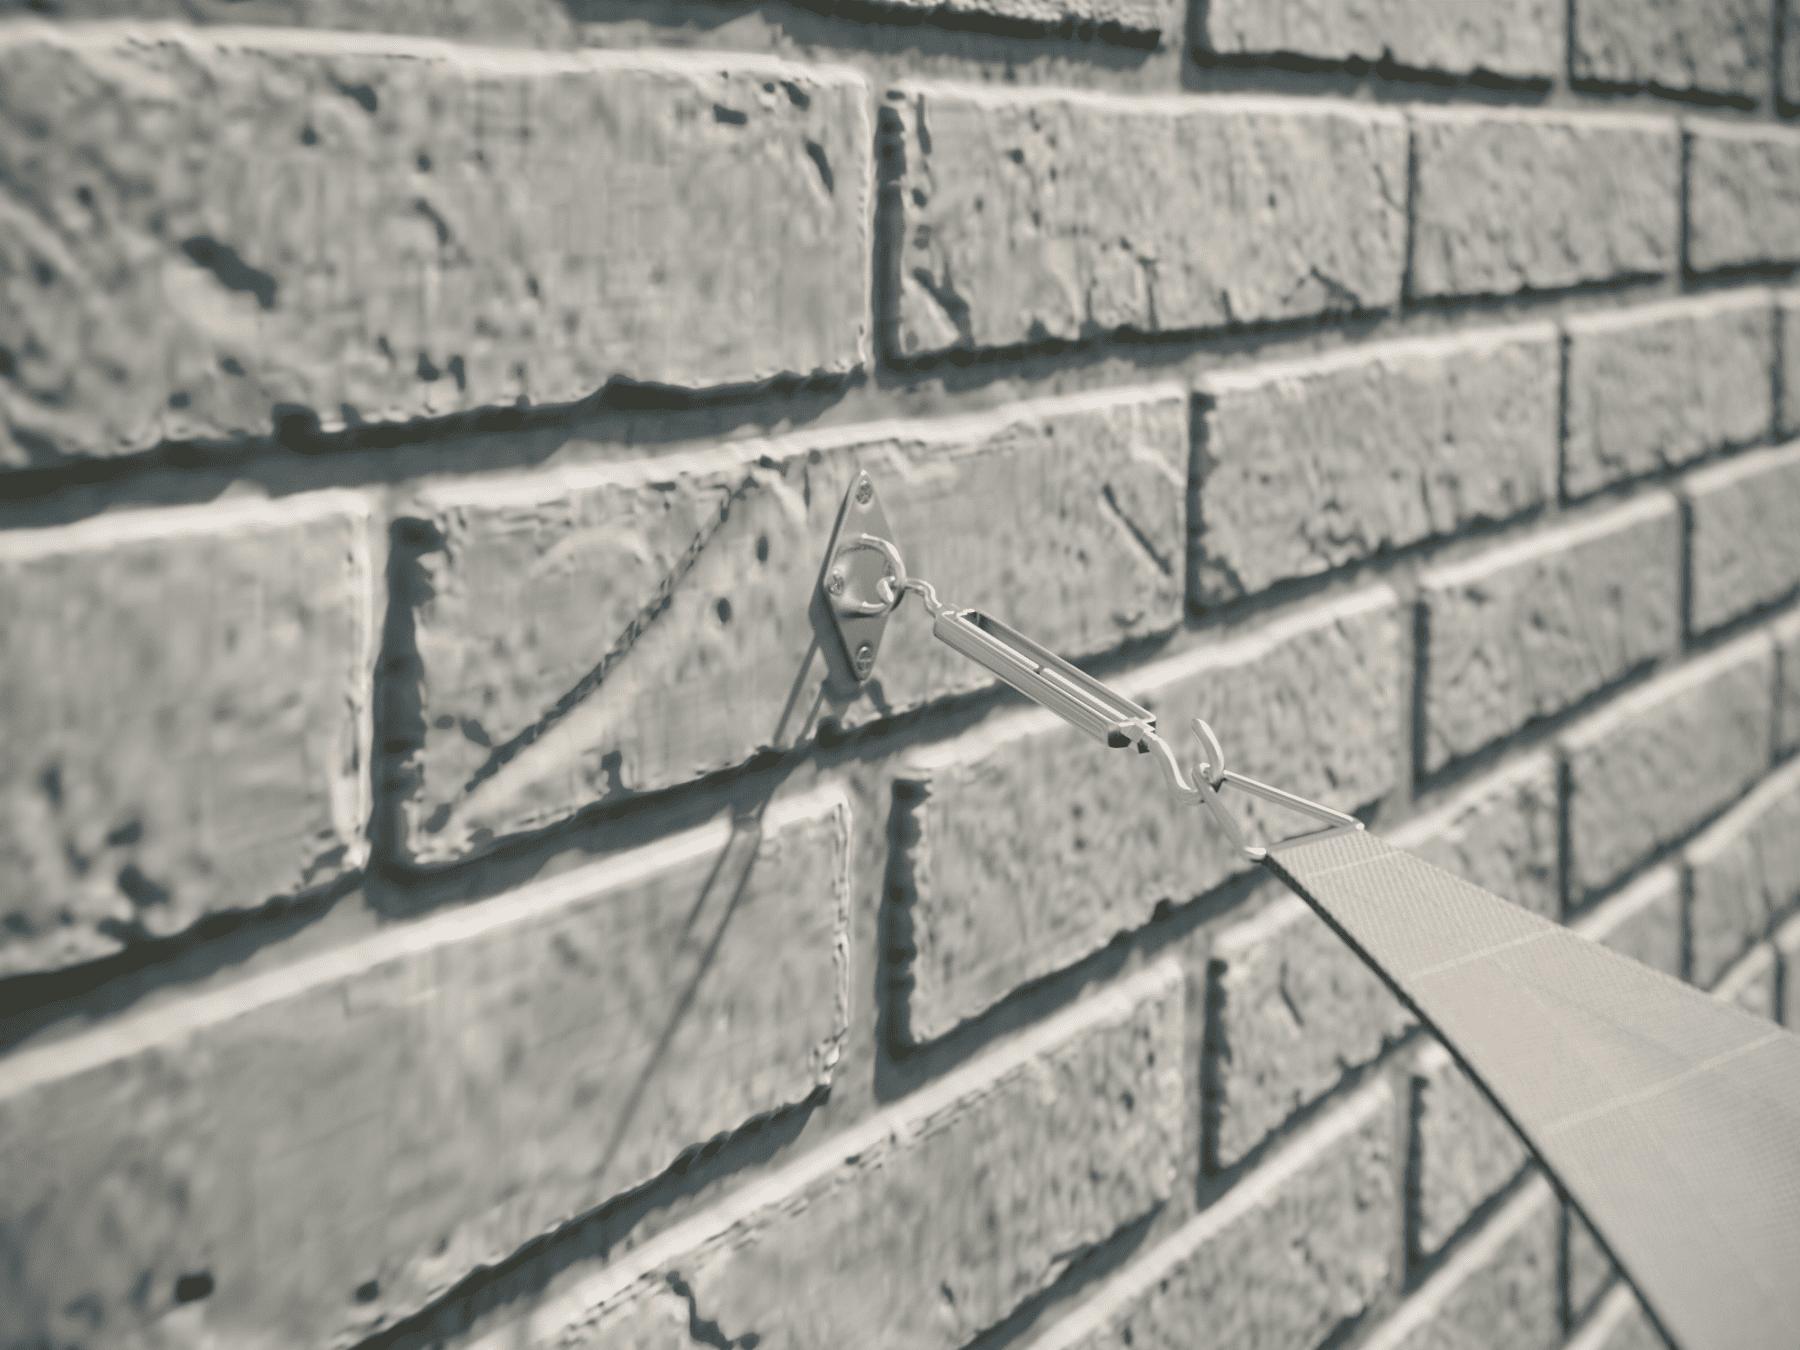 hanSe® Schaduwdoek Rechthoek Waterdoorlatend 2x5 m - zonnedoek - Taupe